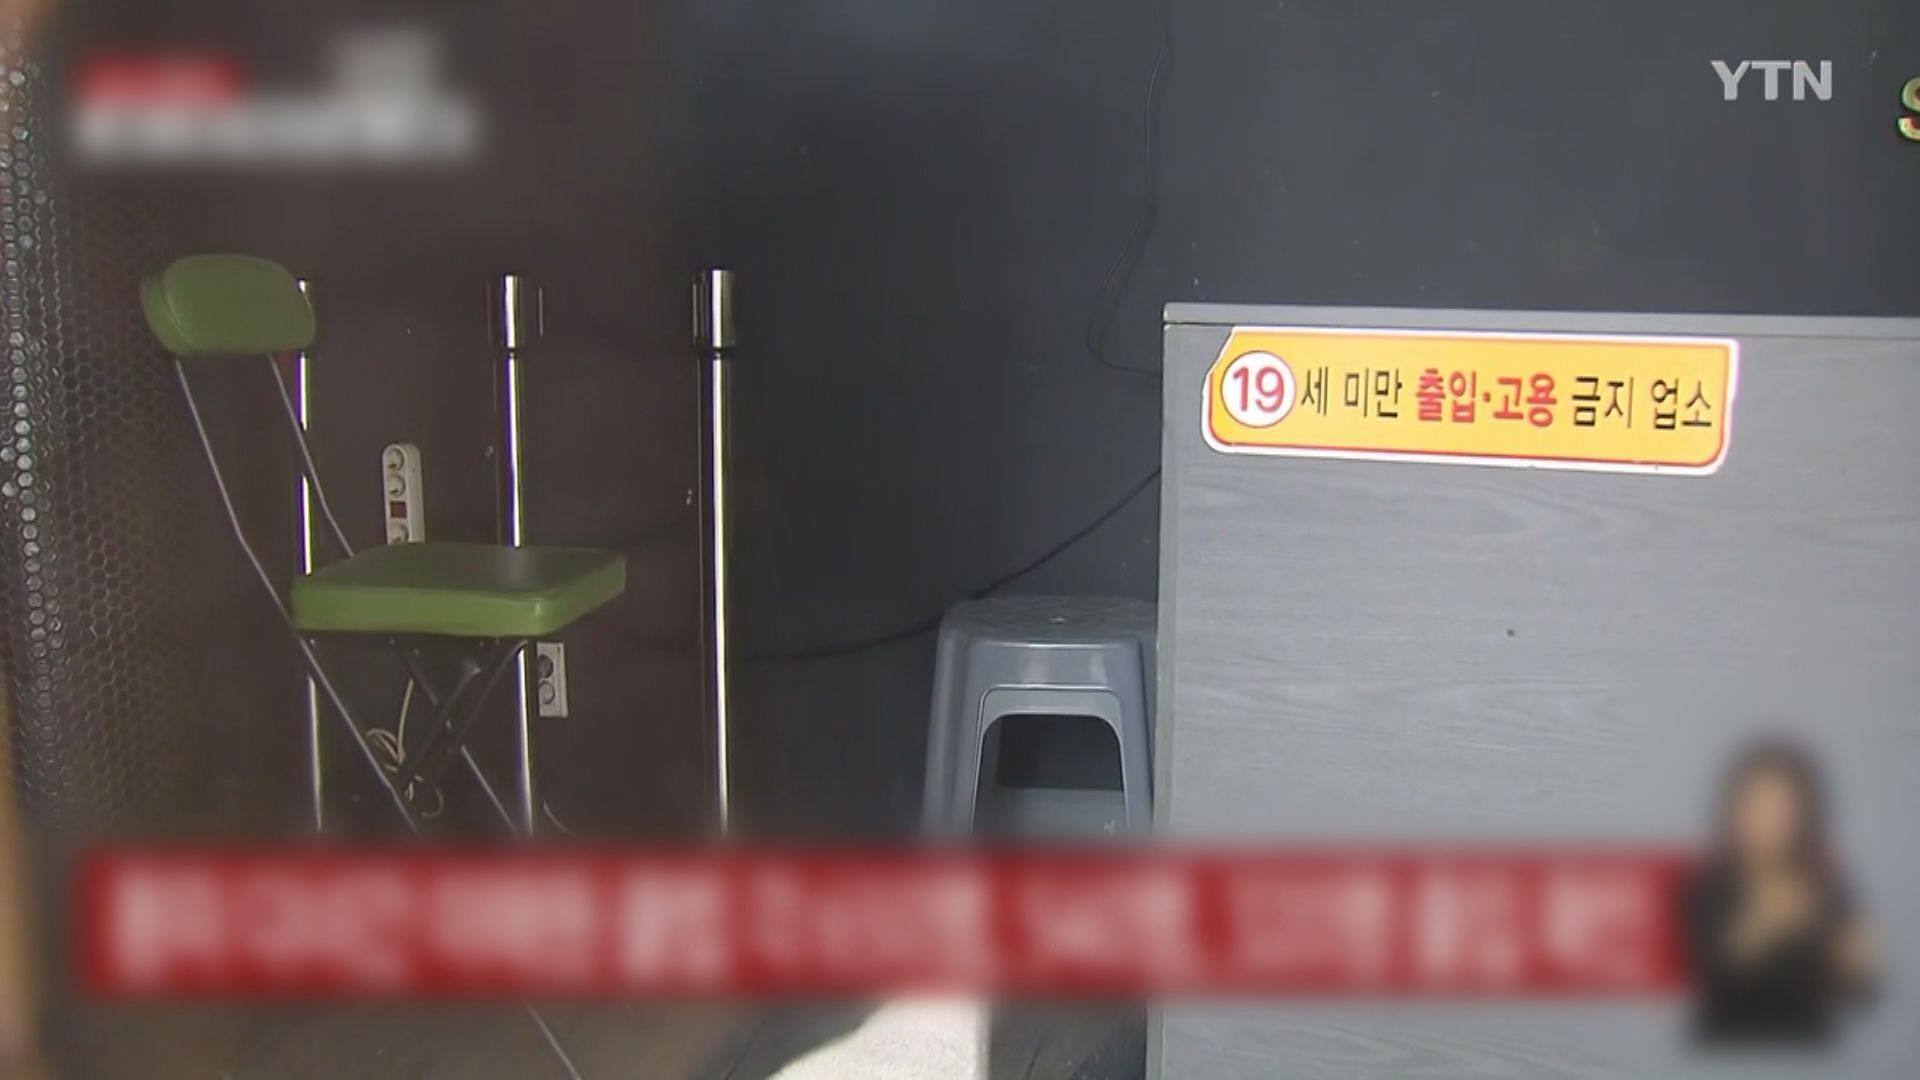 南韓政府決定發行政命令 建議全國娛樂場所停業一個月